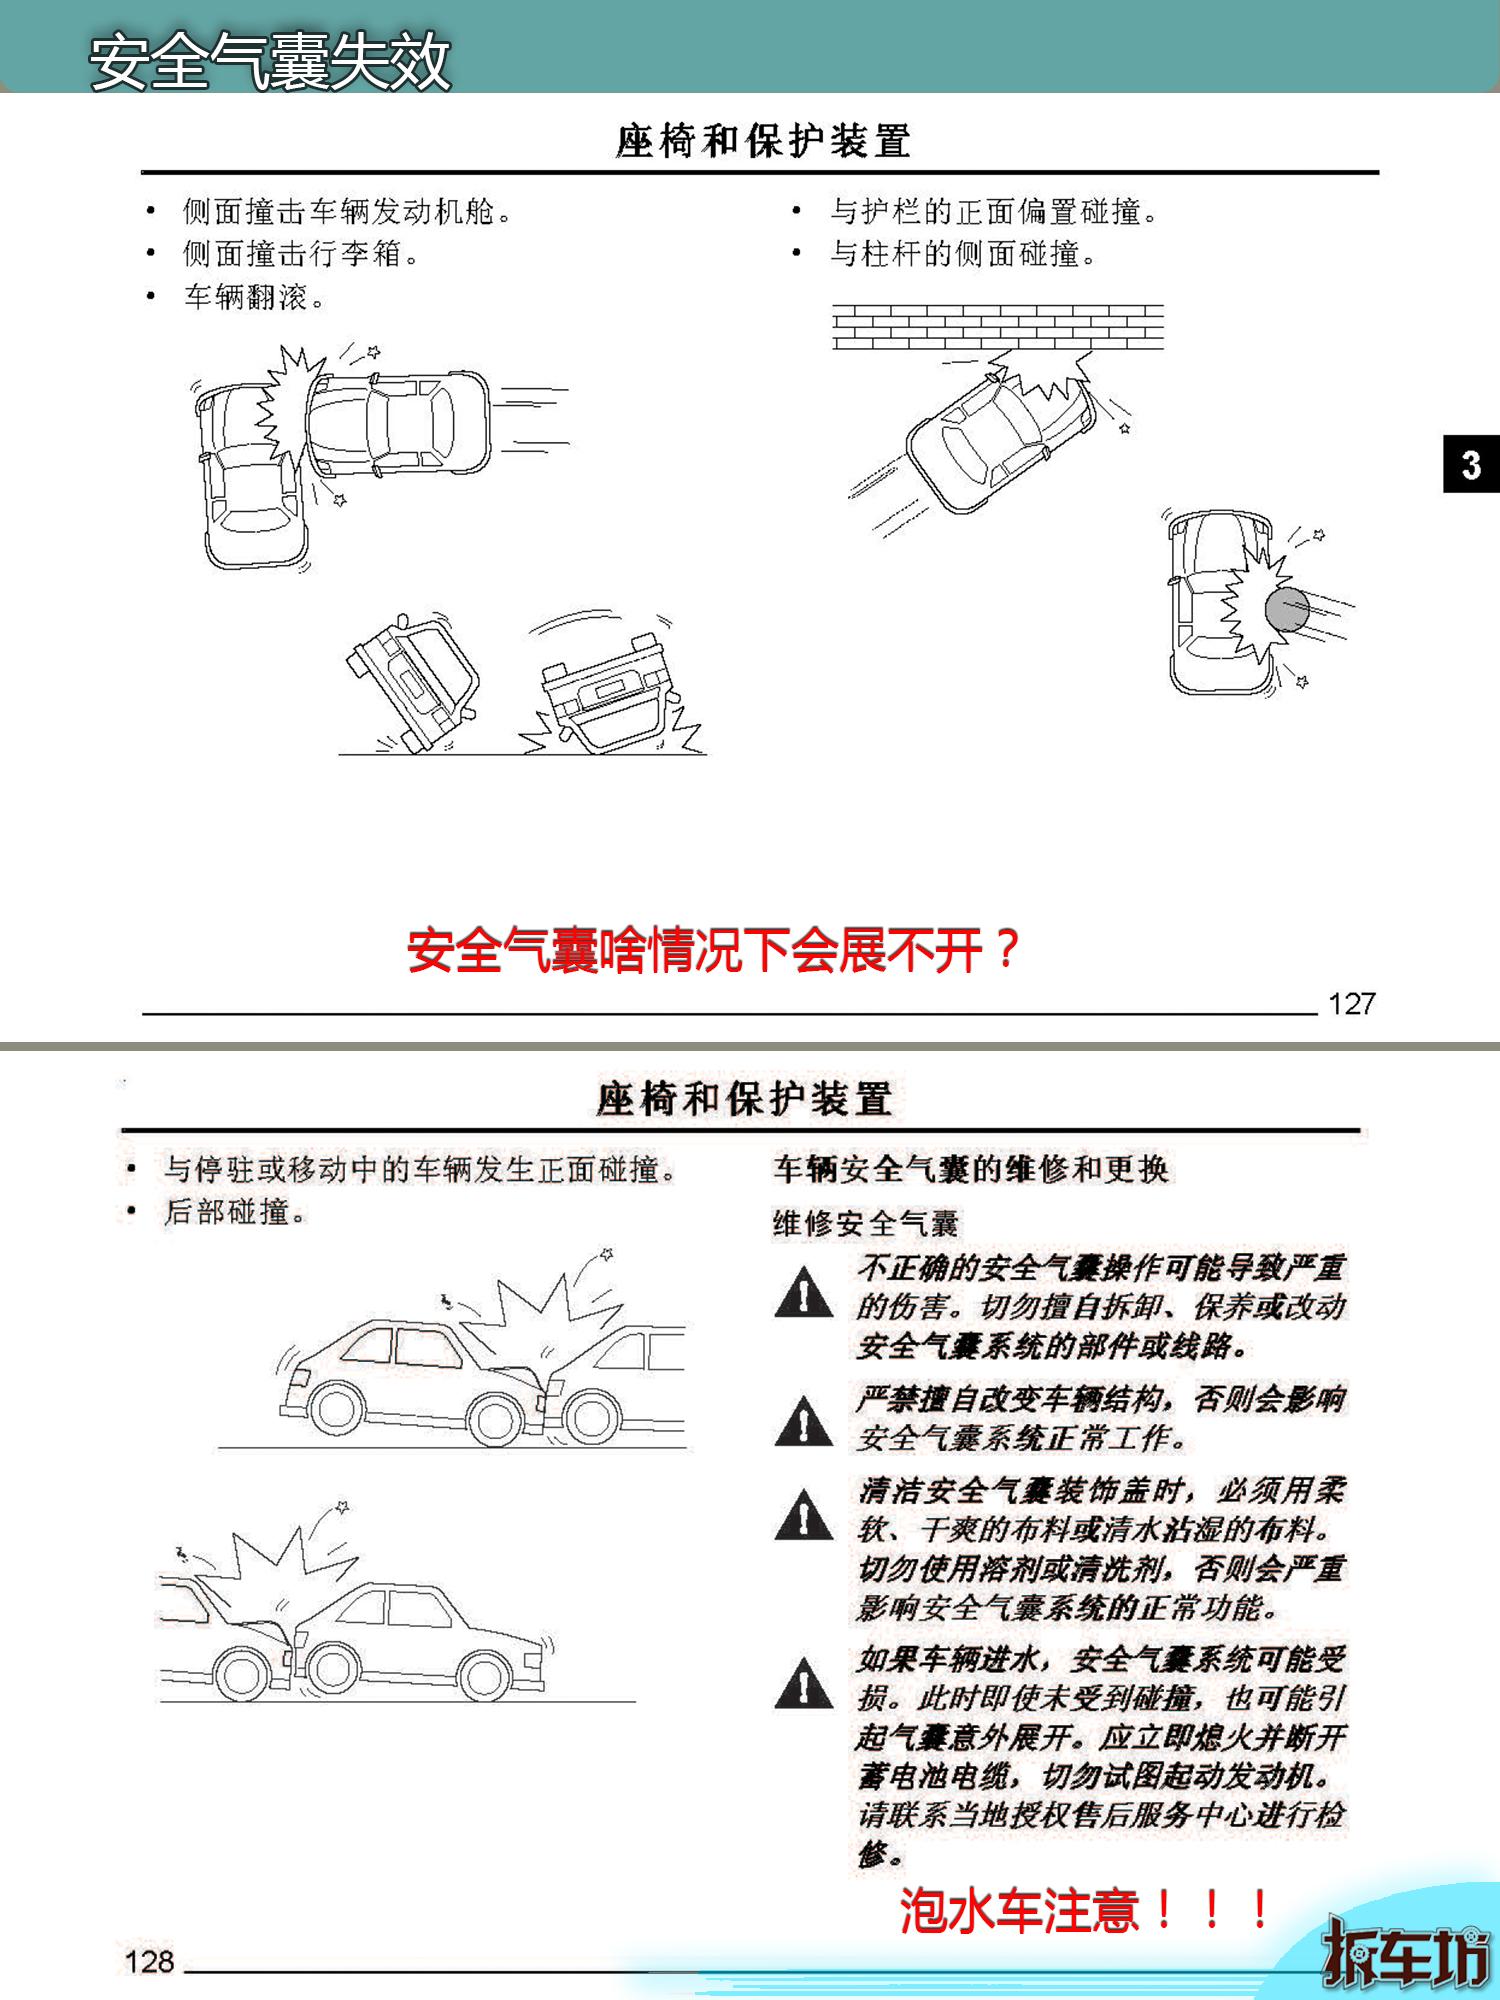 用车养护双离合 规范使用讲究多 拆47用车篇